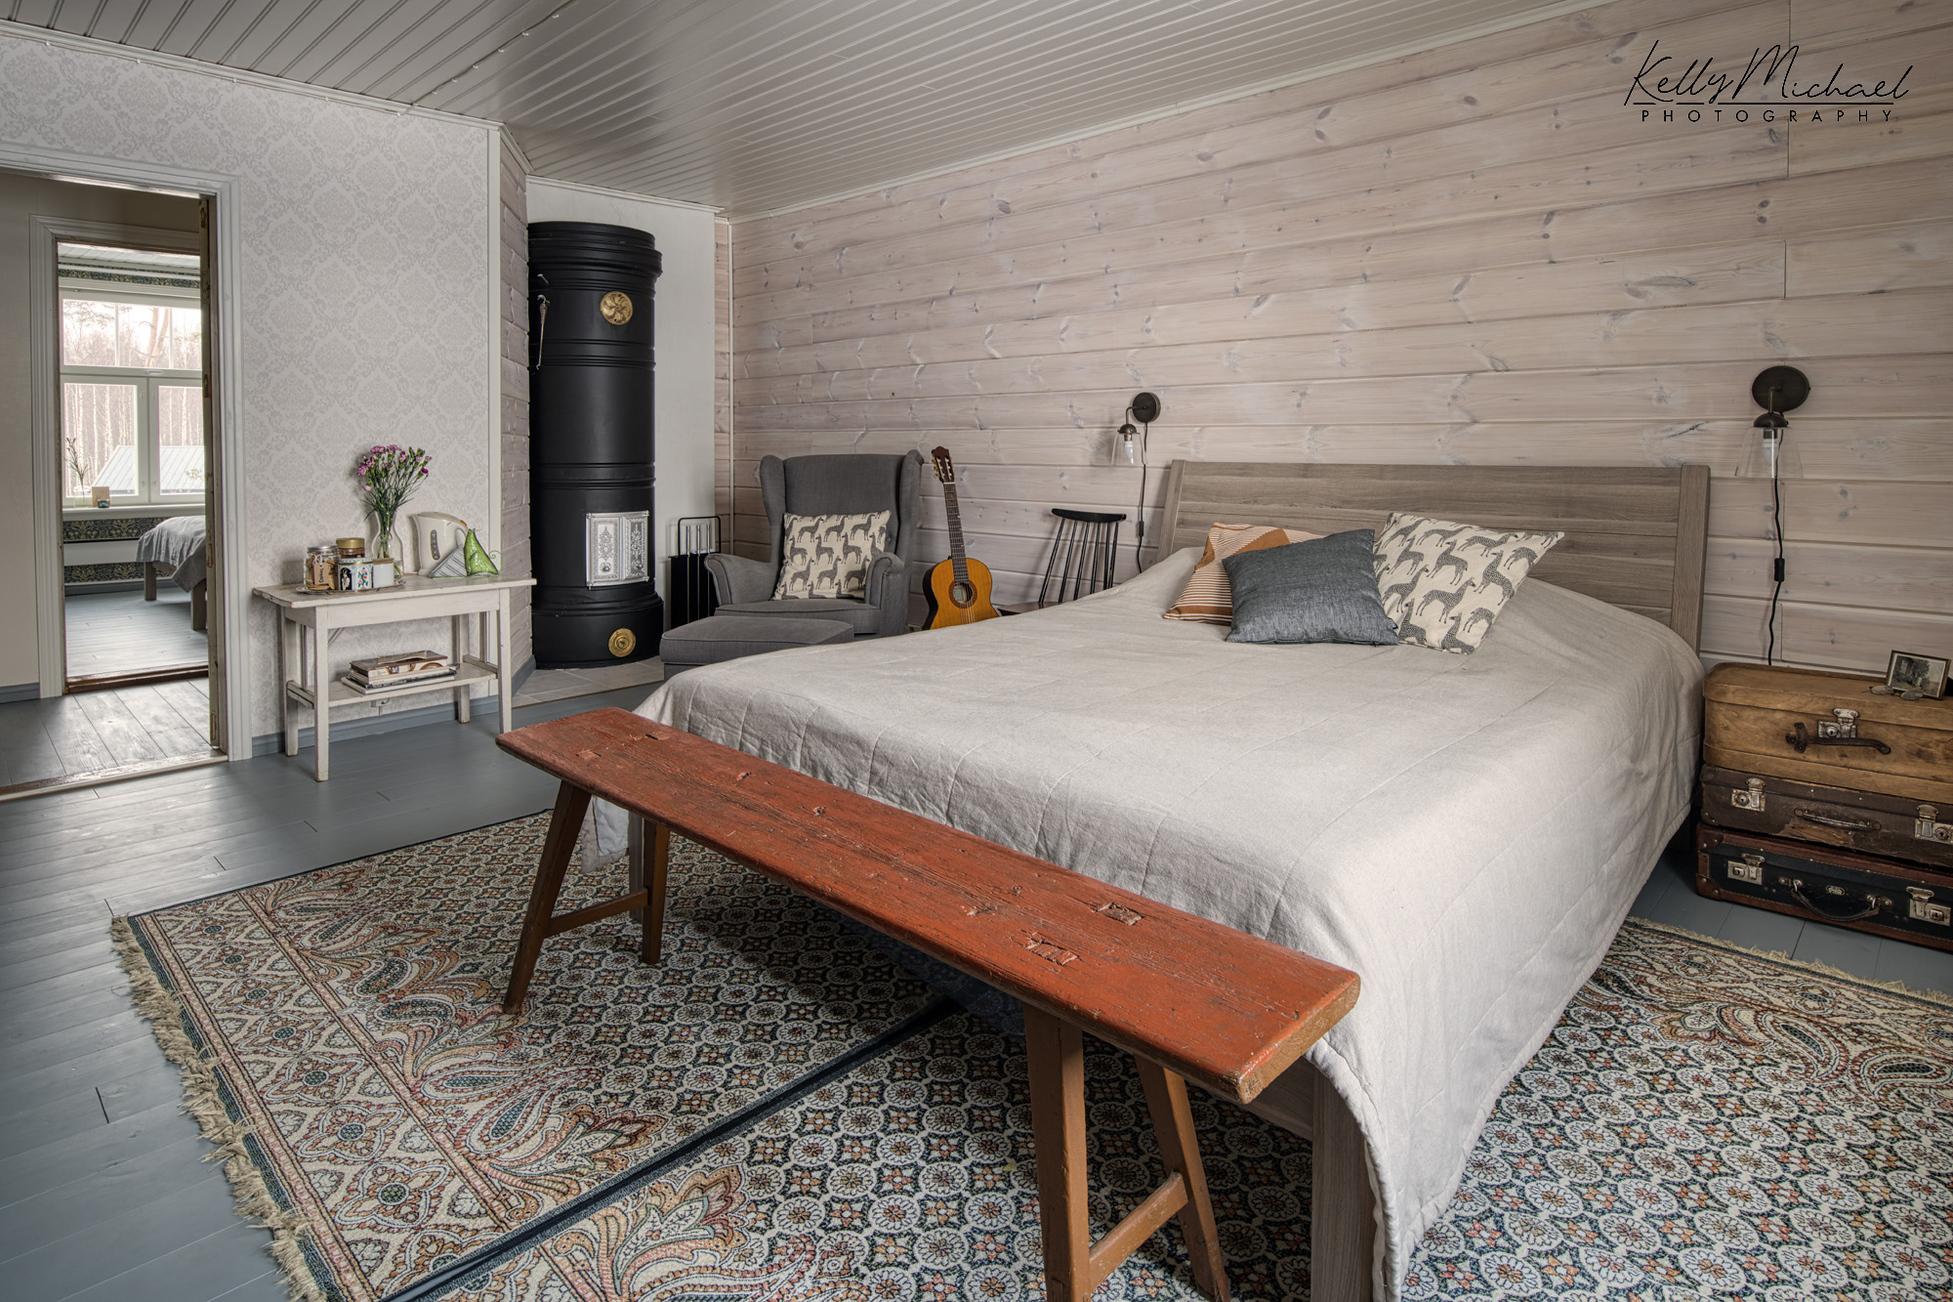 Vierashuone vaalea, sänky ja pönttöuuni